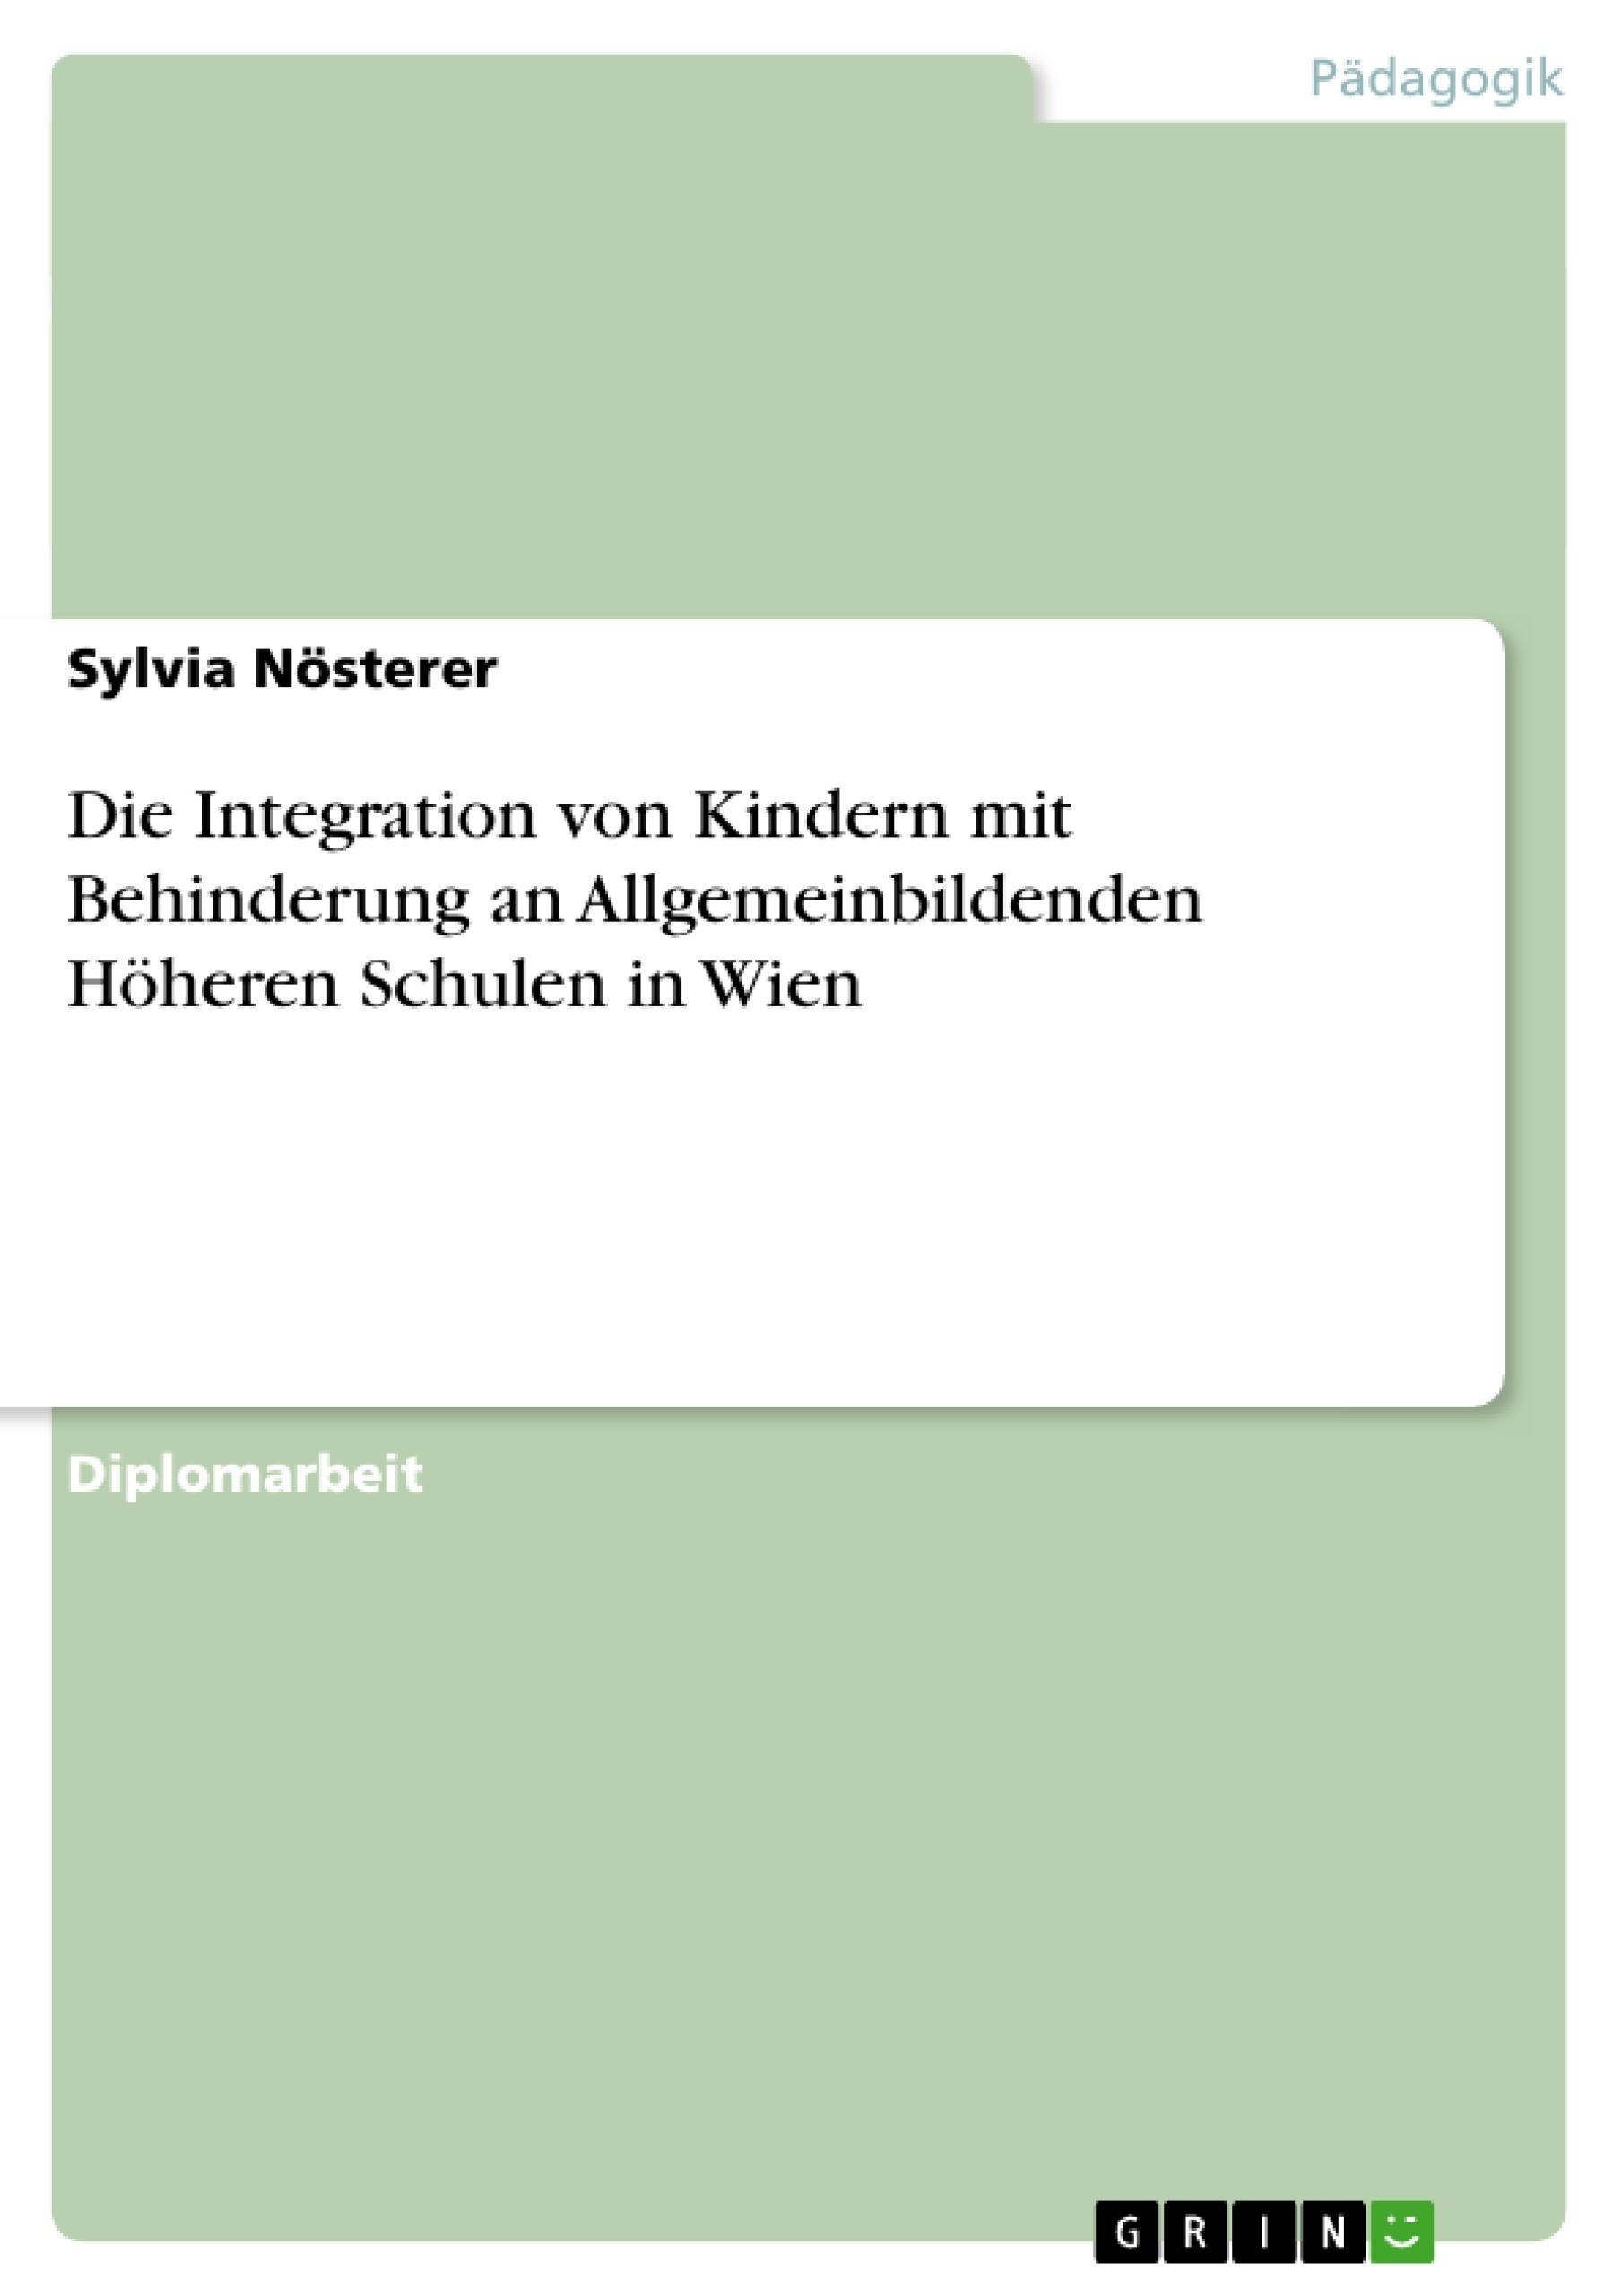 Titel: Die Integration von Kindern mit Behinderung an Allgemeinbildenden Höheren Schulen in Wien